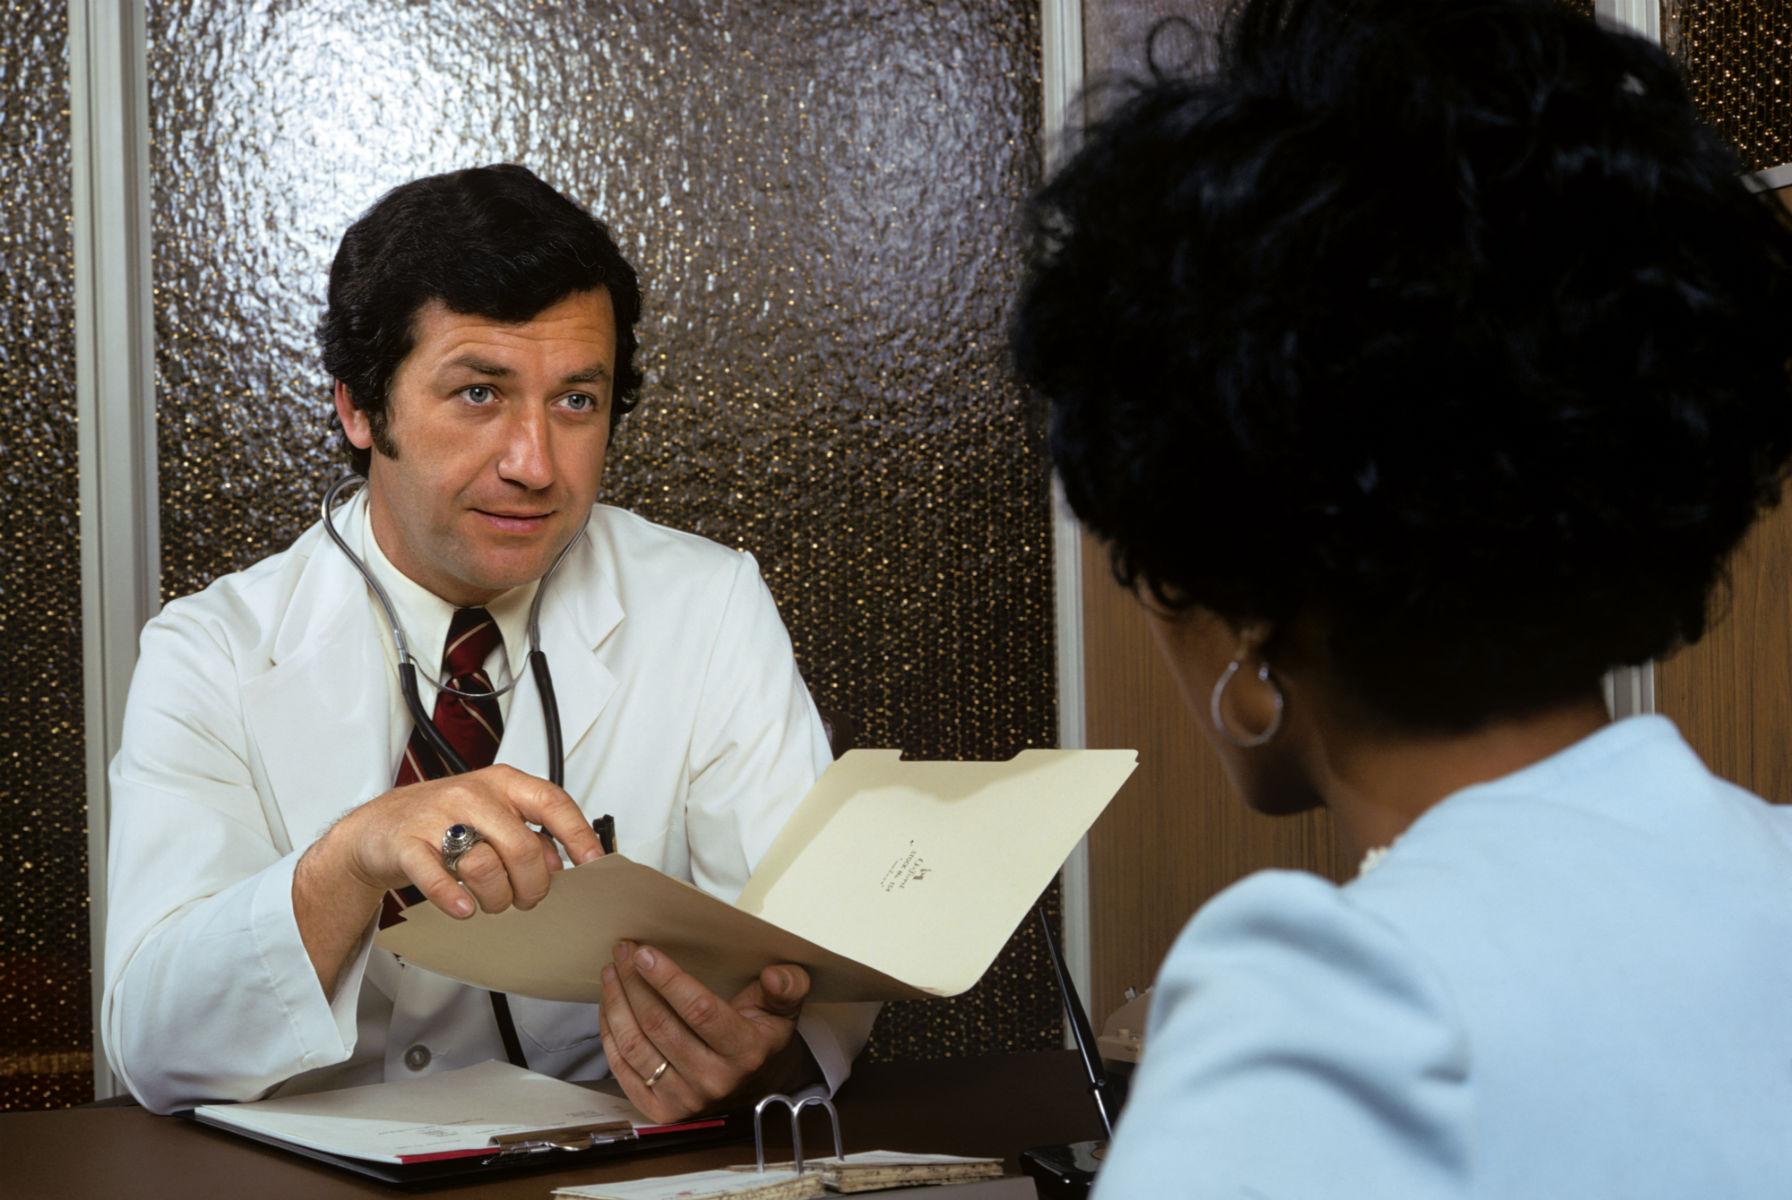 Uprzedzenia imedycyna. Jak lekarze traktują kobiety, osoby niebinarne orazinnej rasy